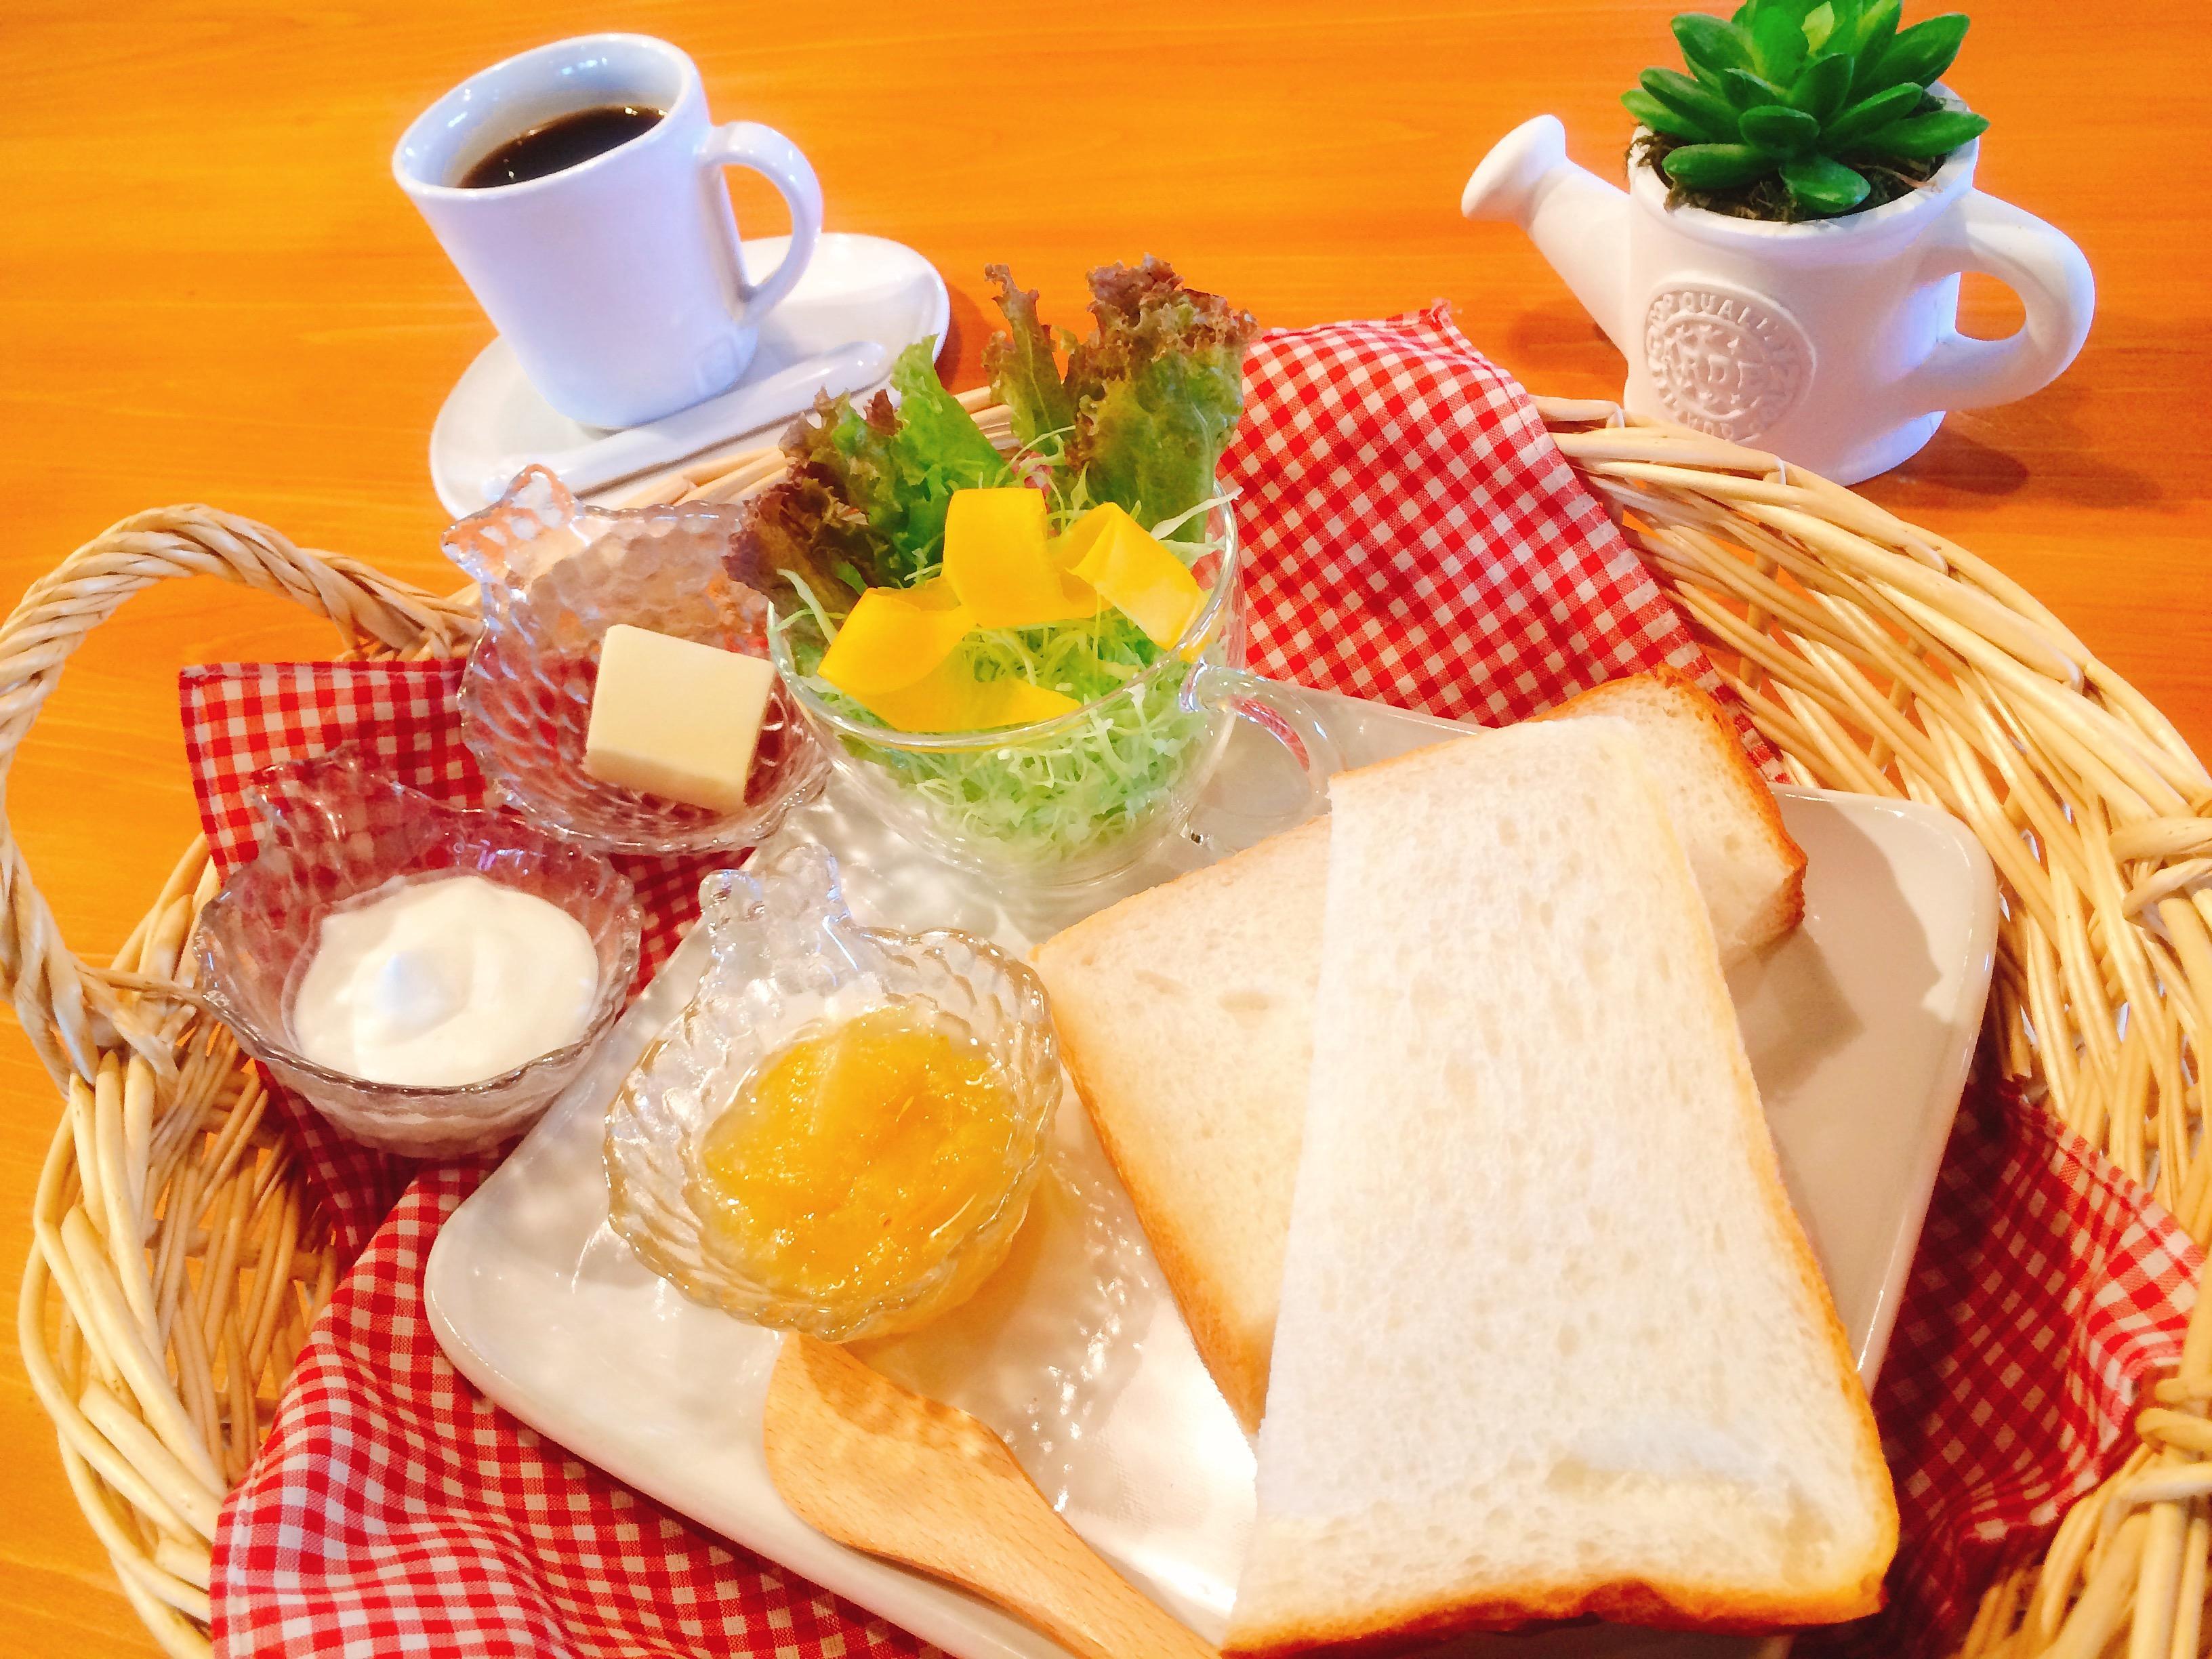 【~和むぎを楽しむベーカリーカフェ~】和むぎや ろくじゅう おすすめメニュー02画像